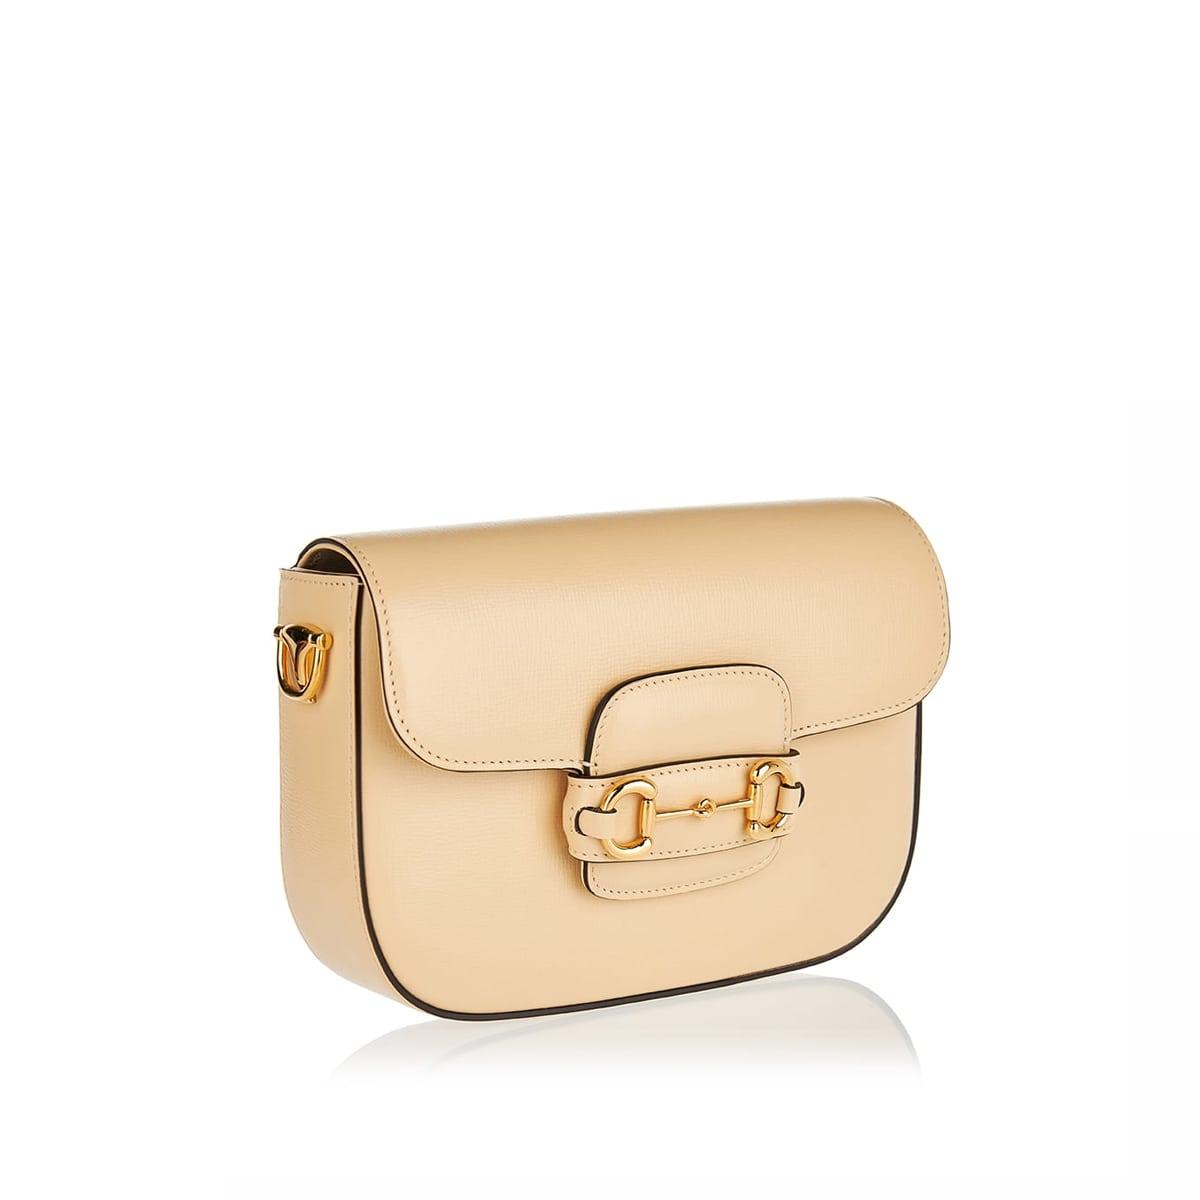 Gucci Horsebit 1955 mini leather shoulder bag